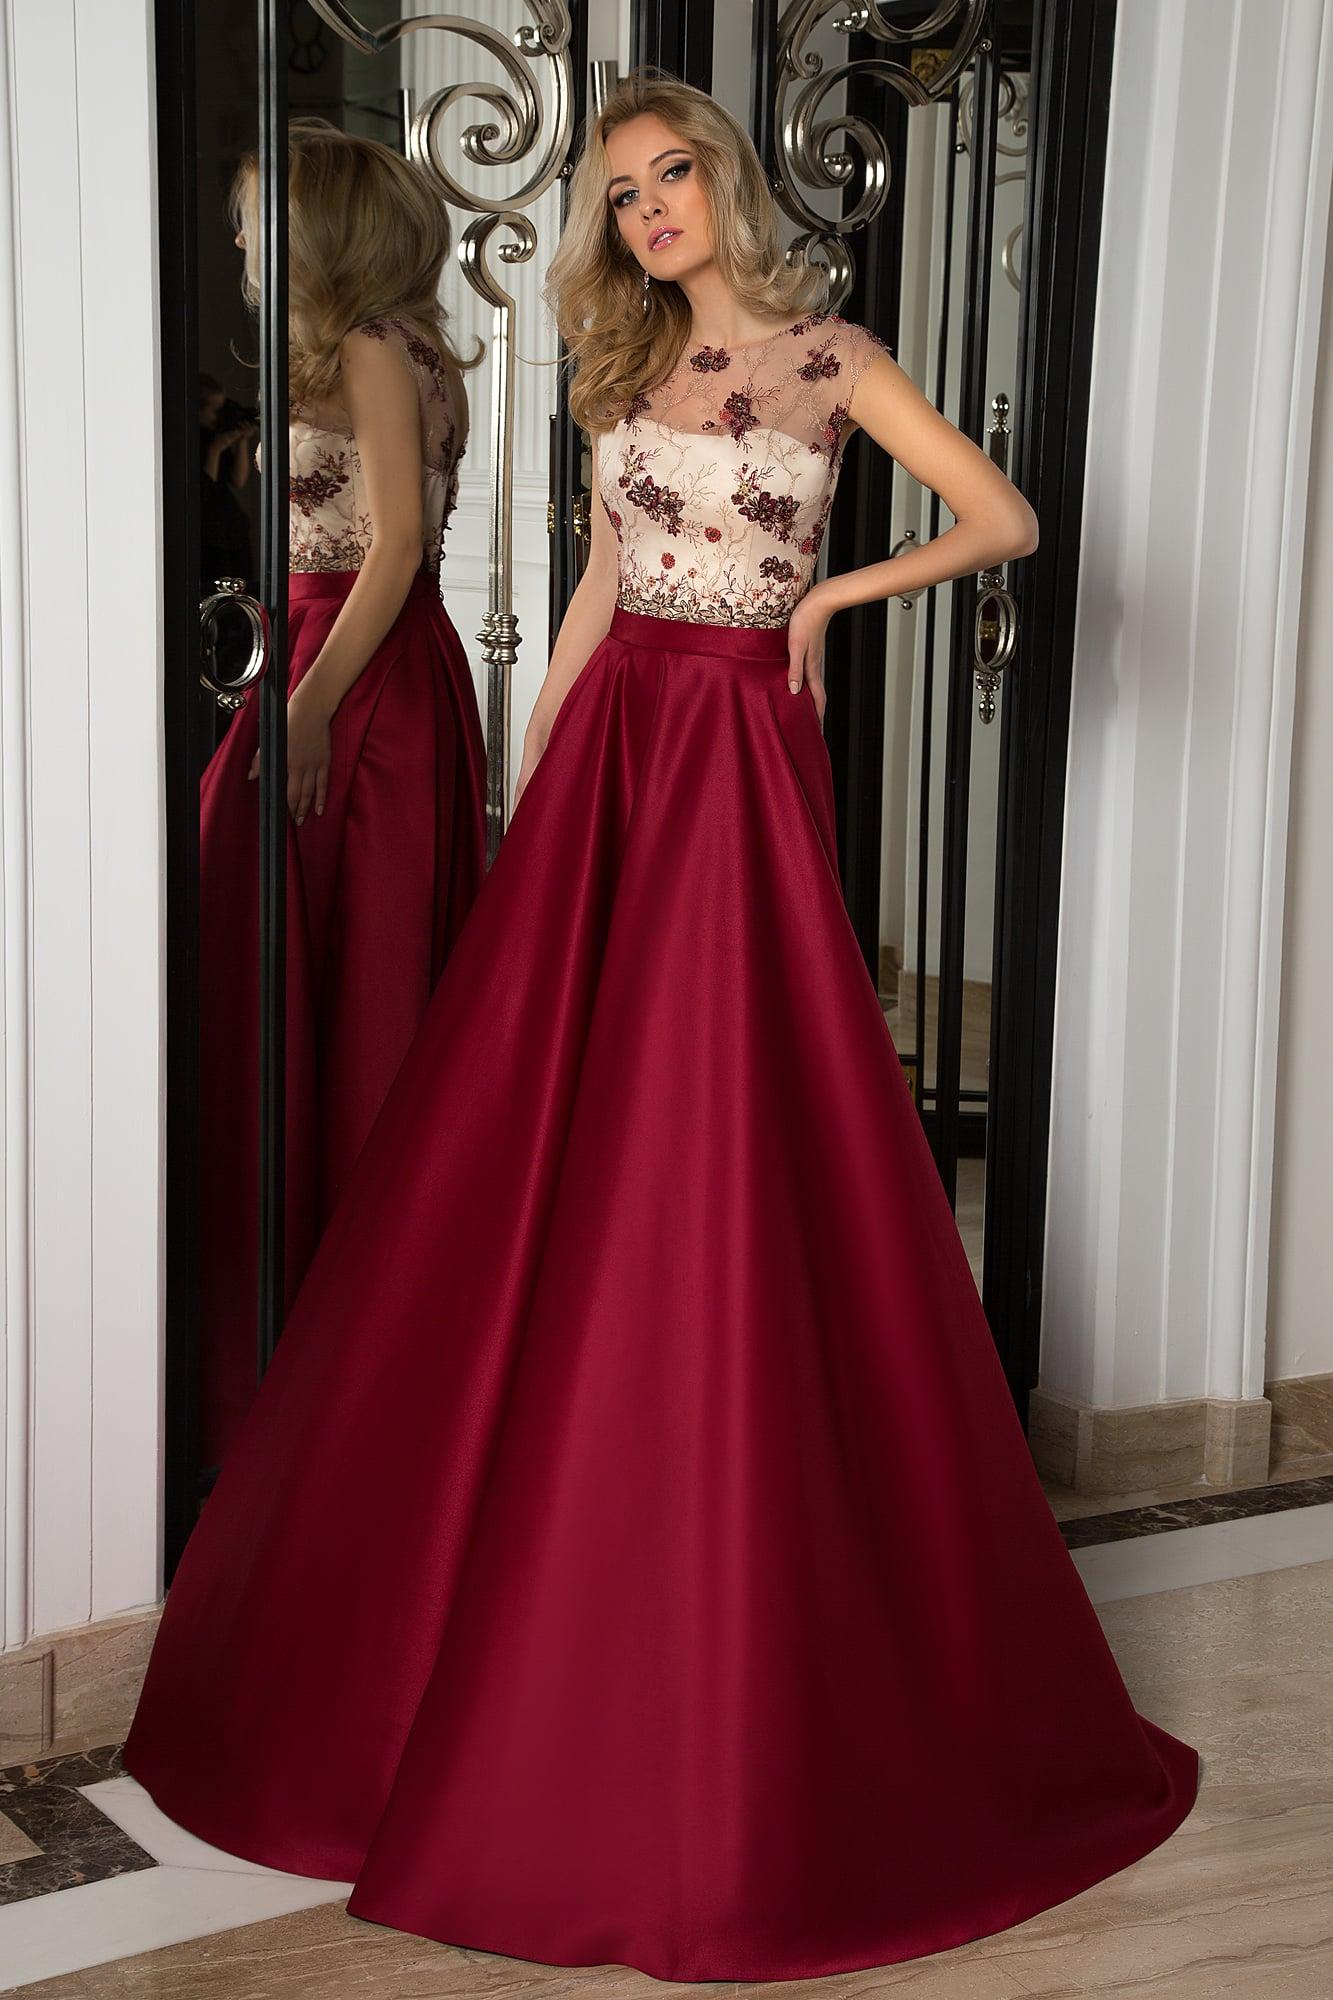 841f2664d69 Роскошное вечернее платье с бордовым низом и белым корсетом под цветным  кружевом.